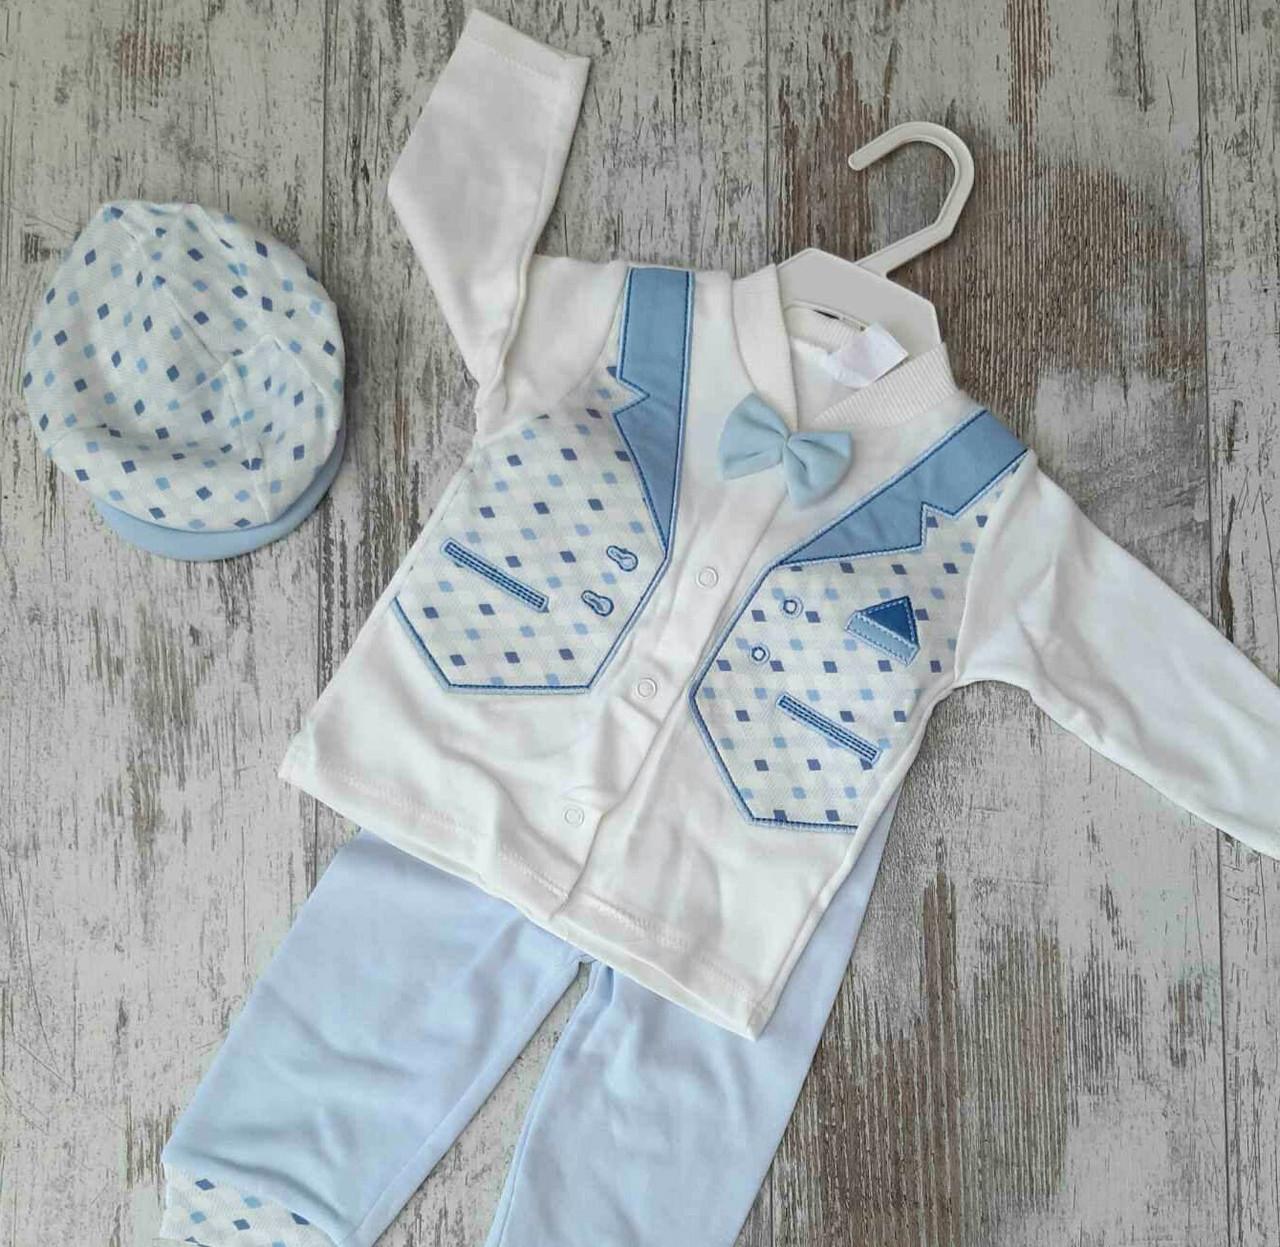 Дитячий костюм 3-9 міс комплект для новонароджених хлопчиків оптом Туреччина